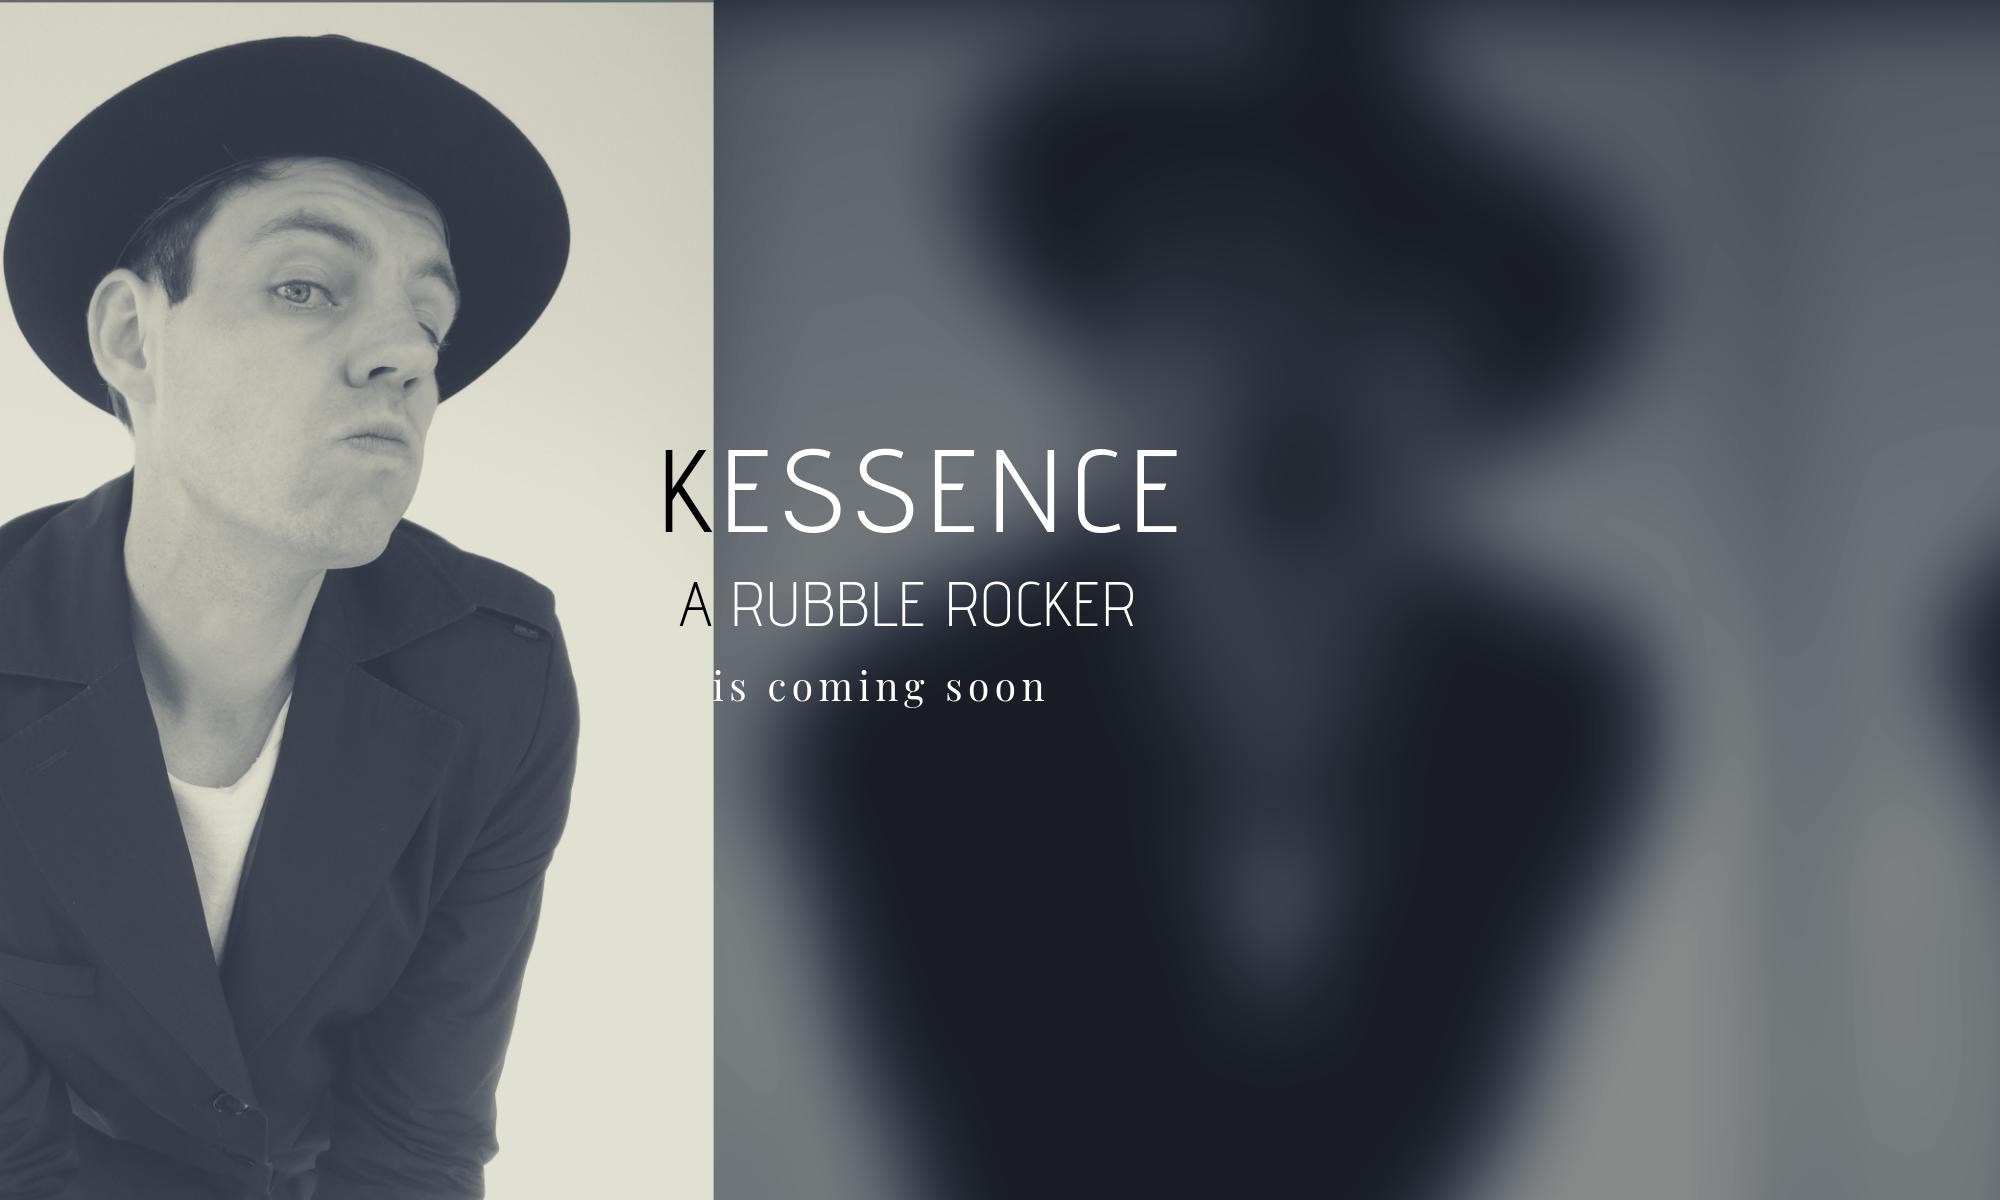 K-essence